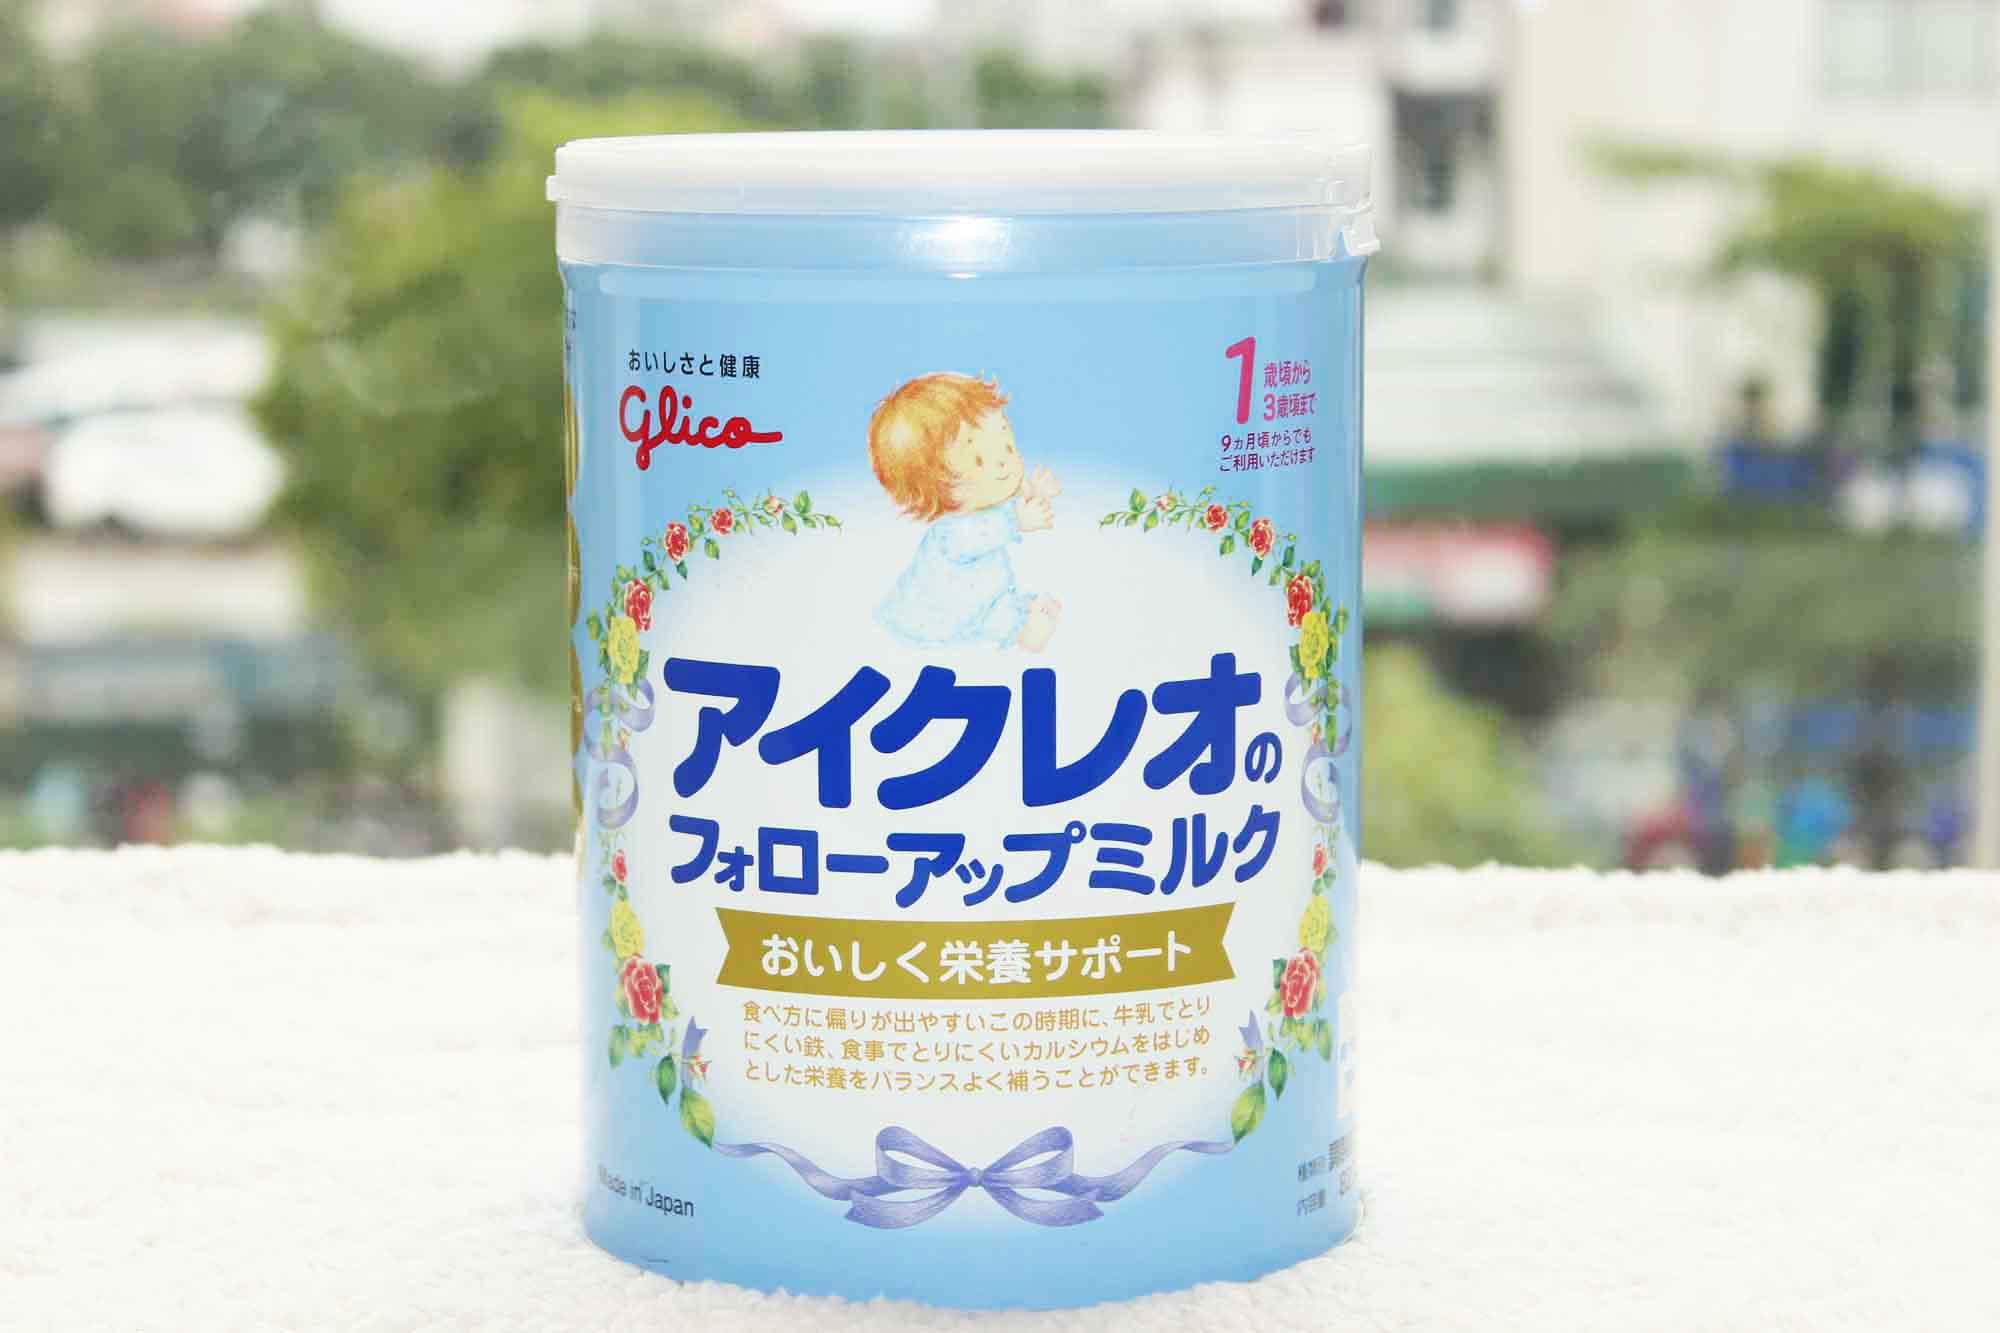 Sữa Glico có tốt không thành phần nào khác biệt nhất của sữa ?